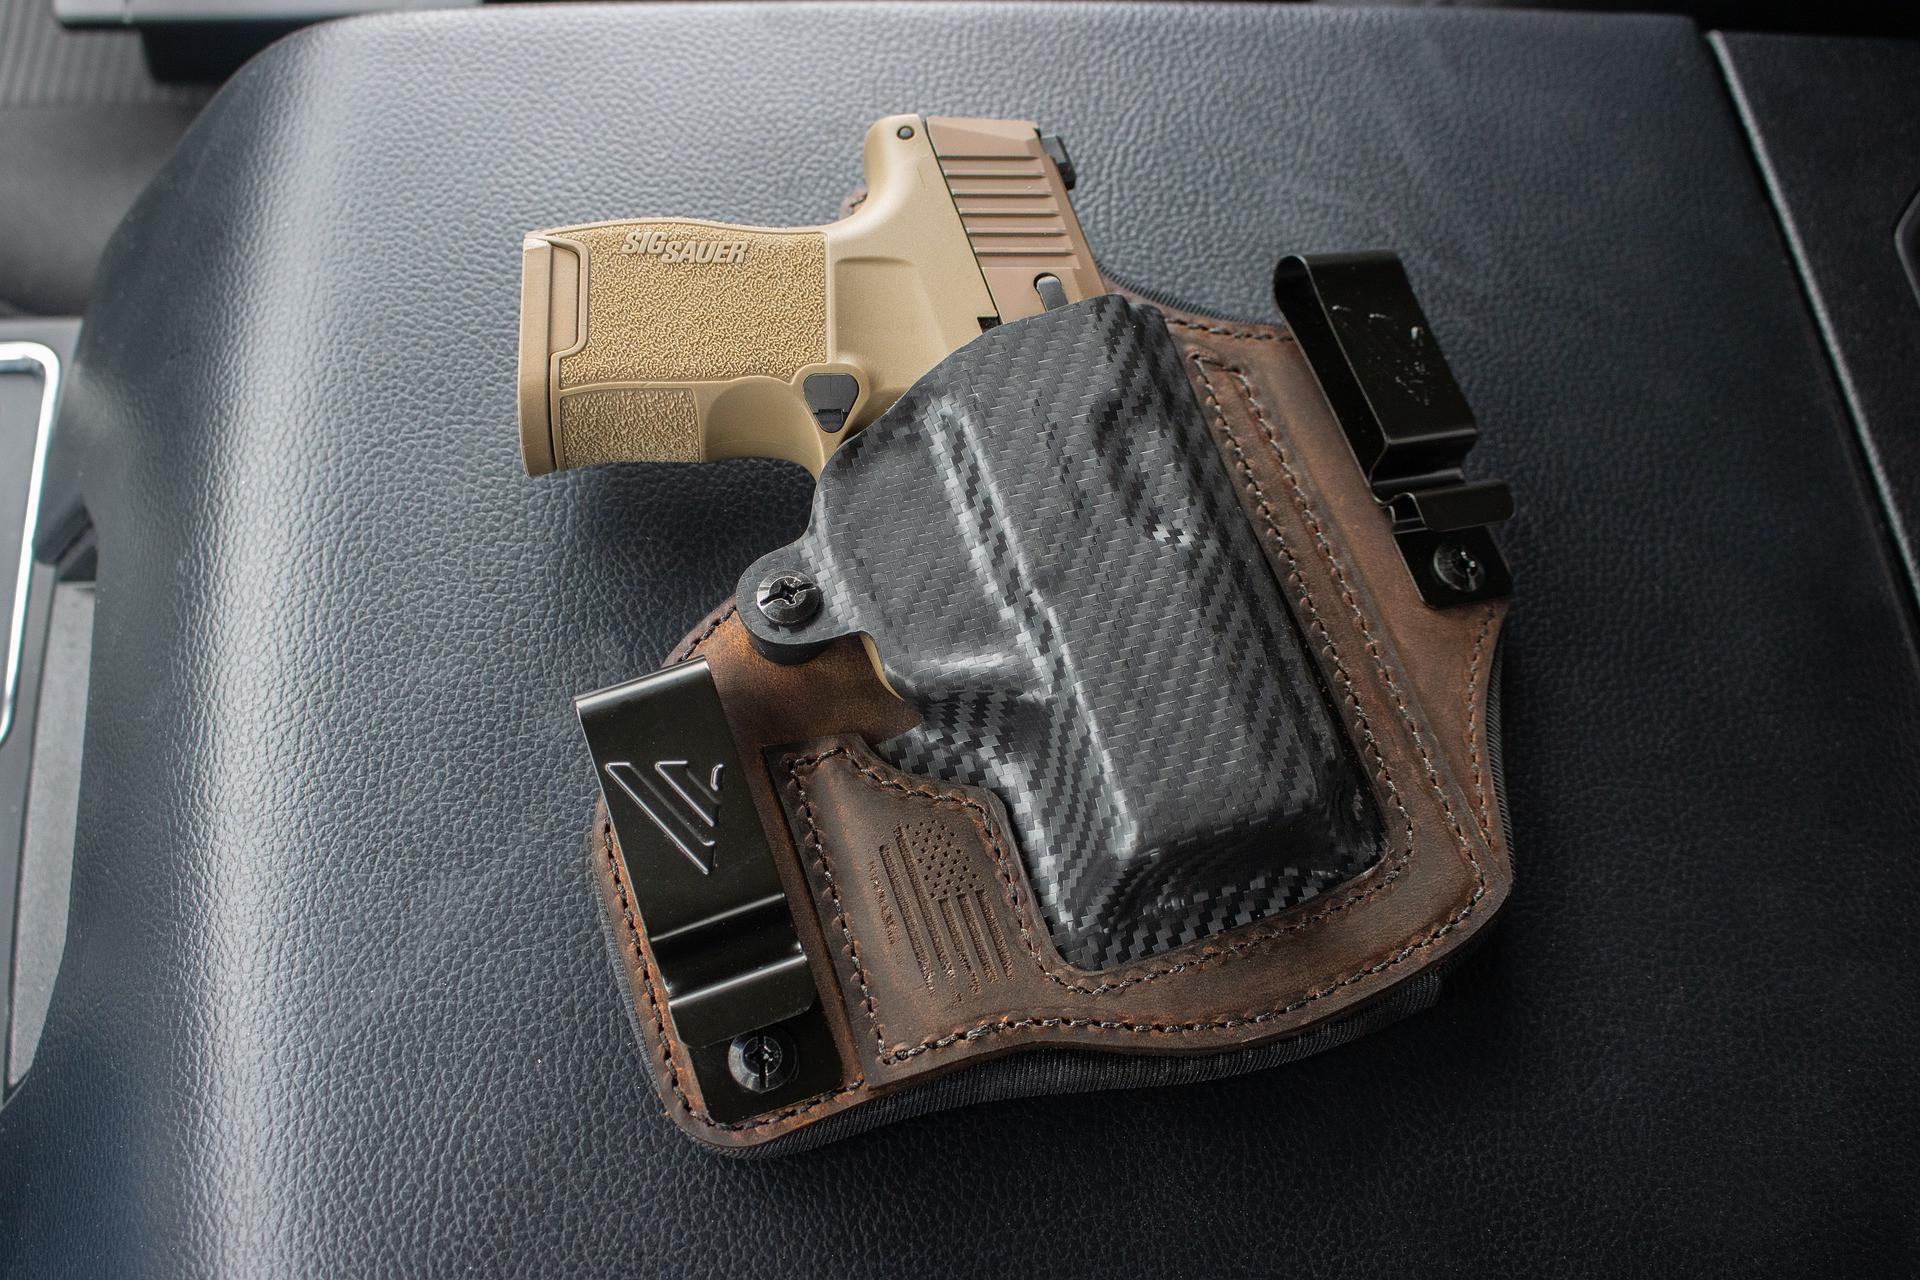 Pistol Level 1